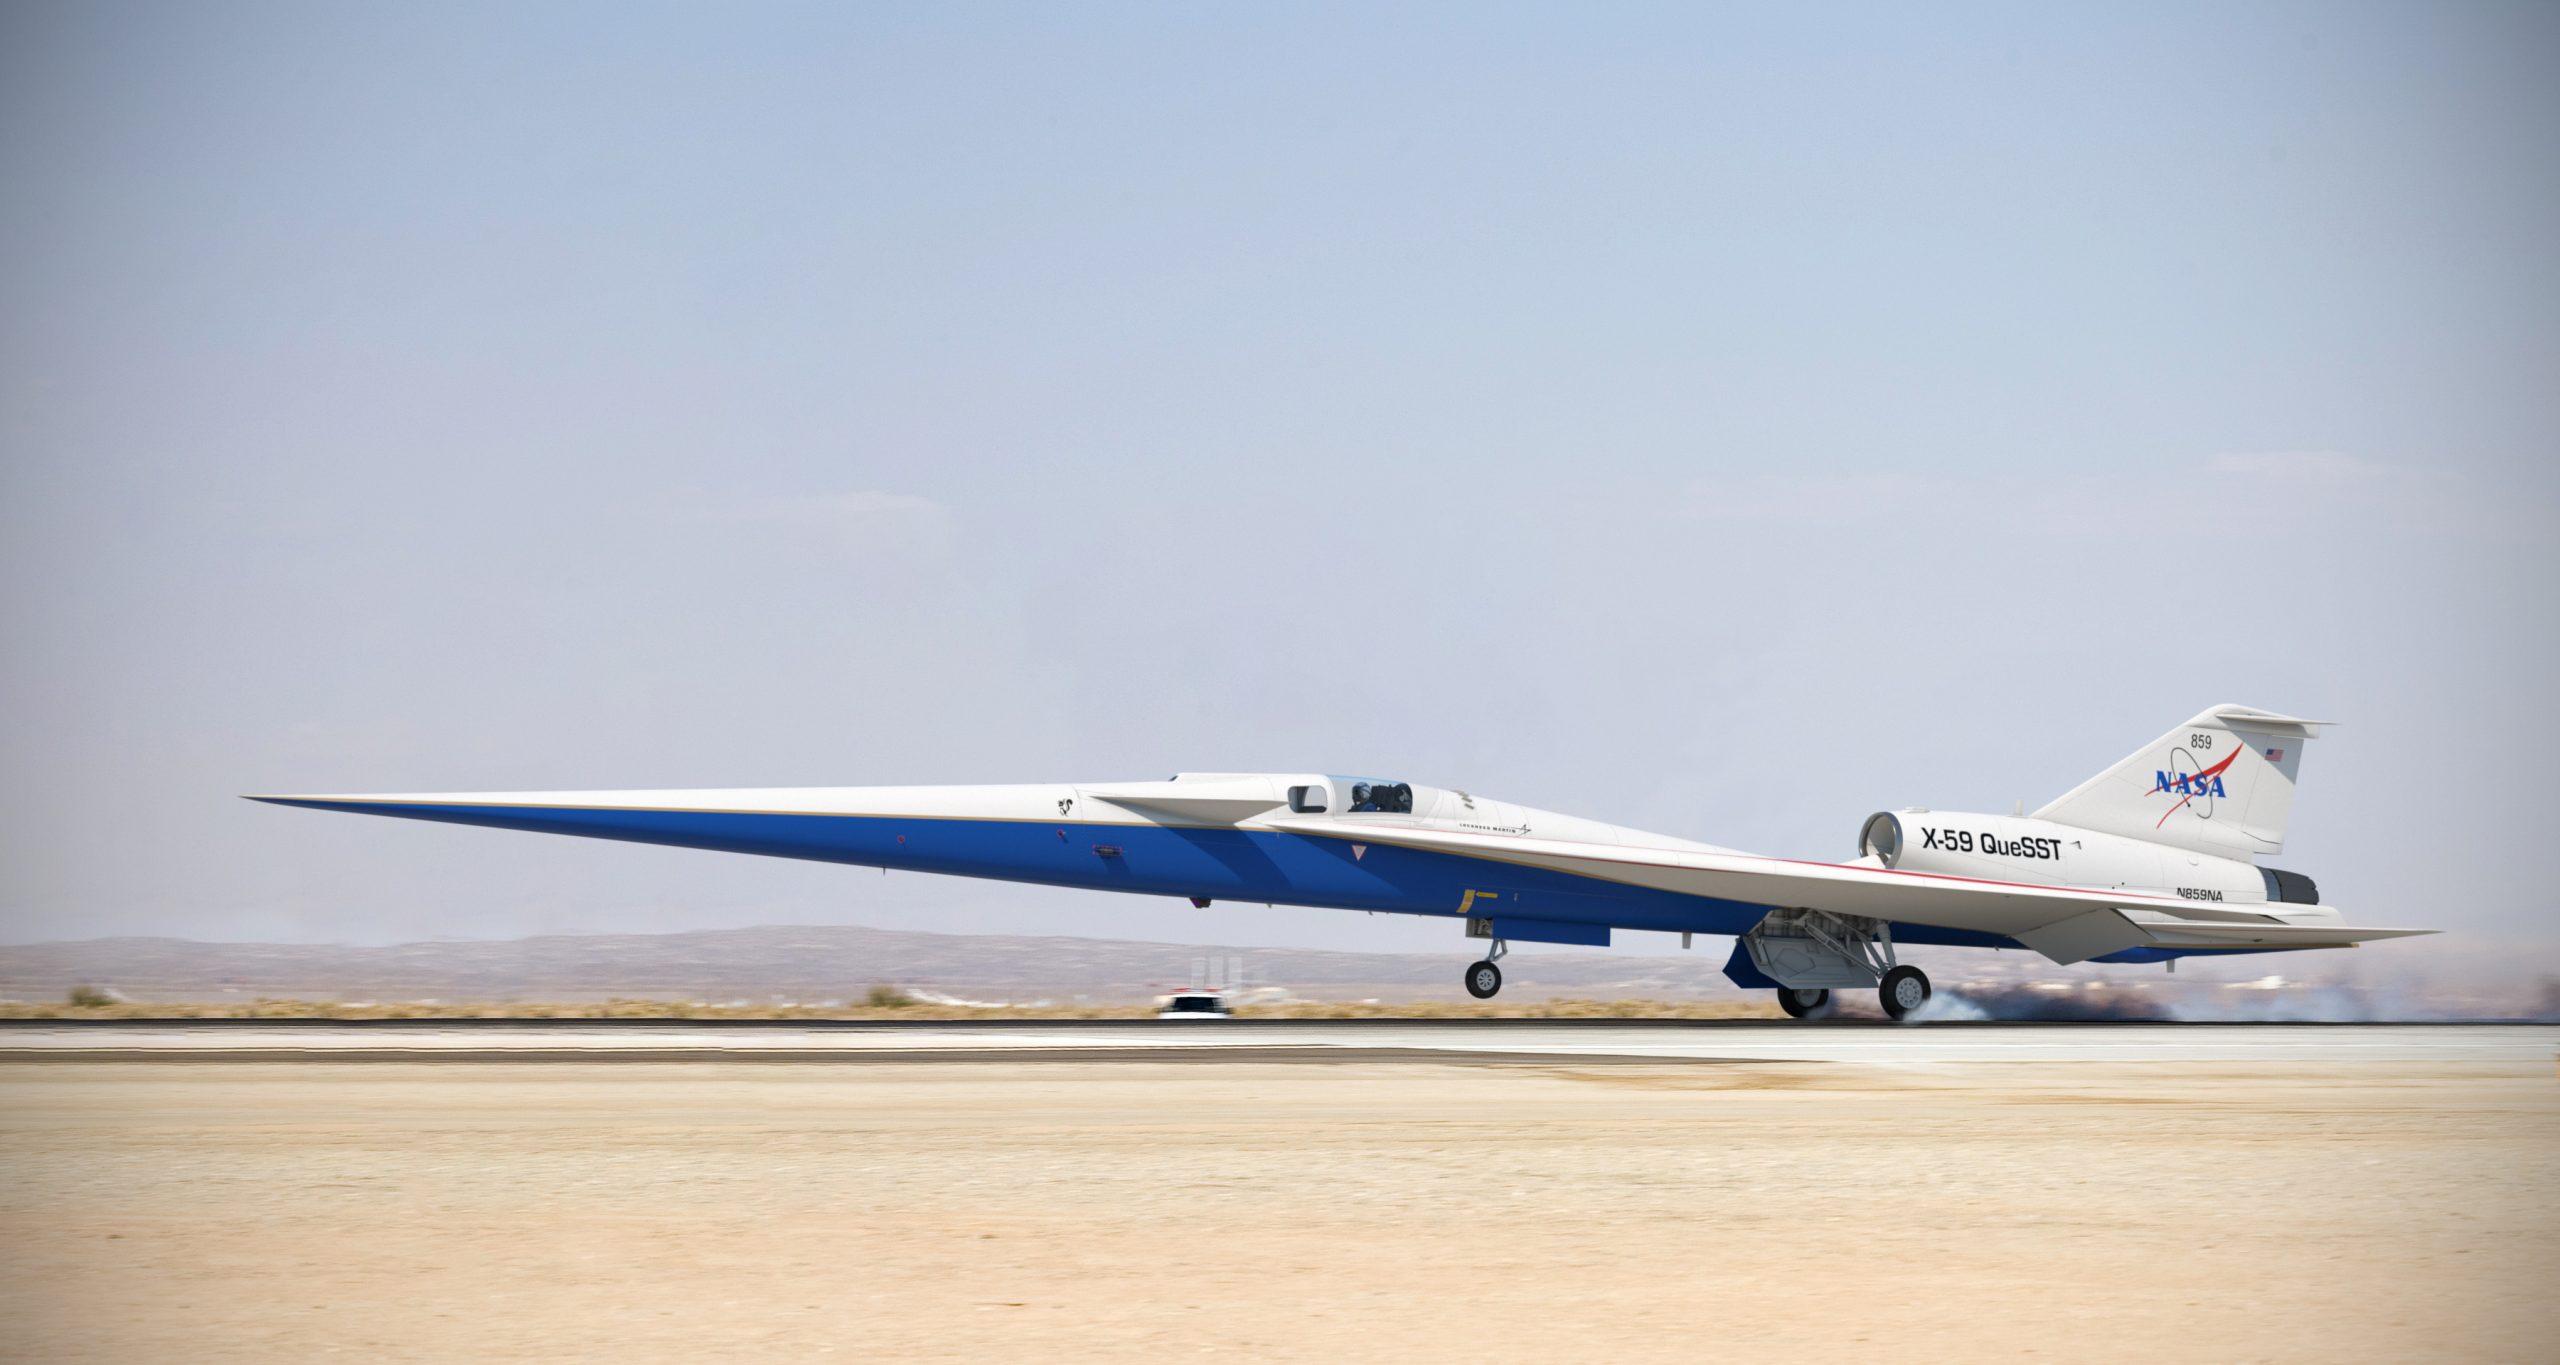 NASAk Concorderen oinordetza eraiki zuen.  X-59 hurrengo urtean prest egon daiteke